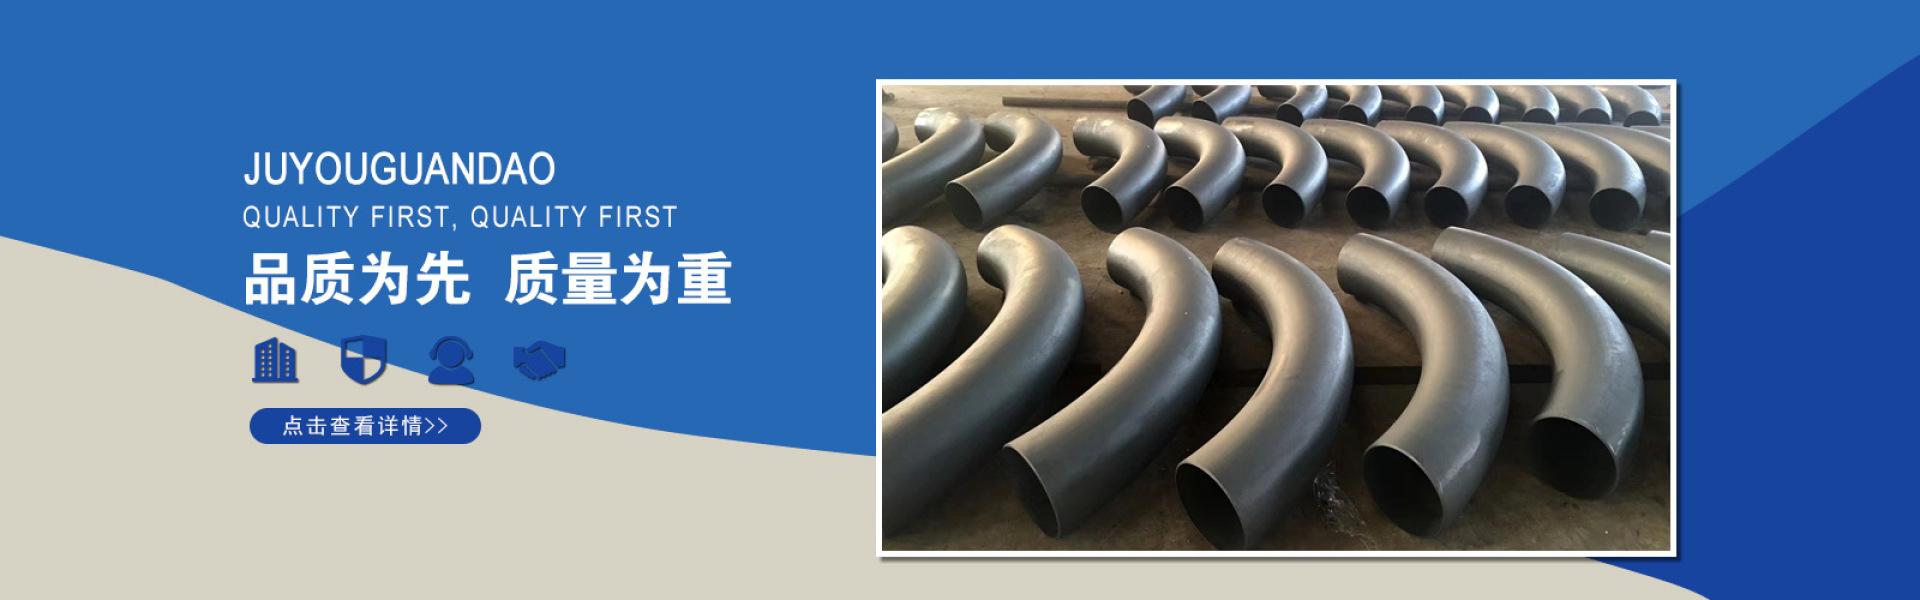 弯管厂家、弯管加工、不锈钢弯管、冷弯弯管